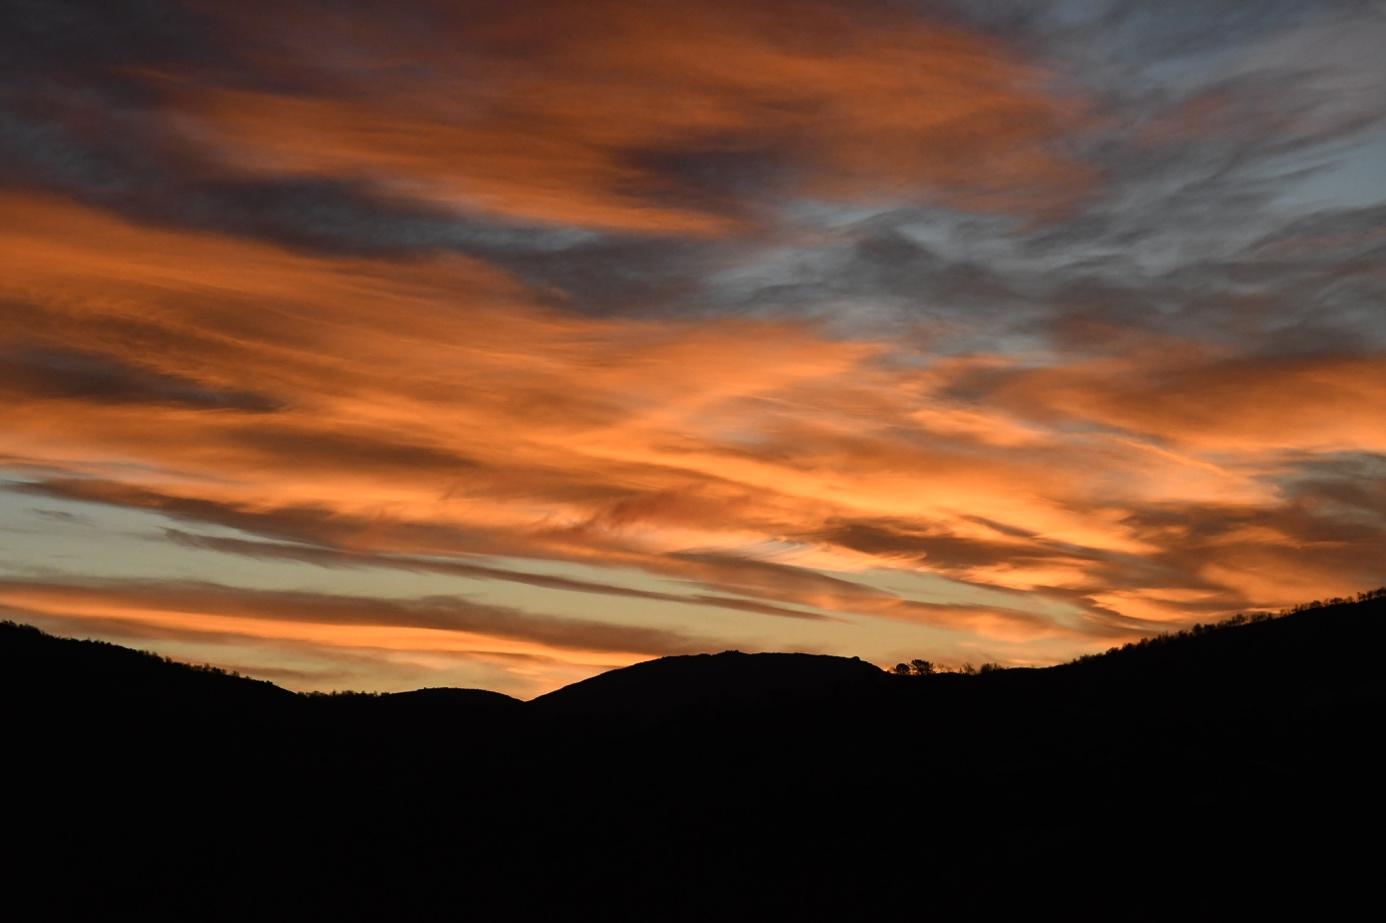 Et bilde som inneholder utendørs, solnedgang, flygende, stående  Automatisk generert beskrivelse